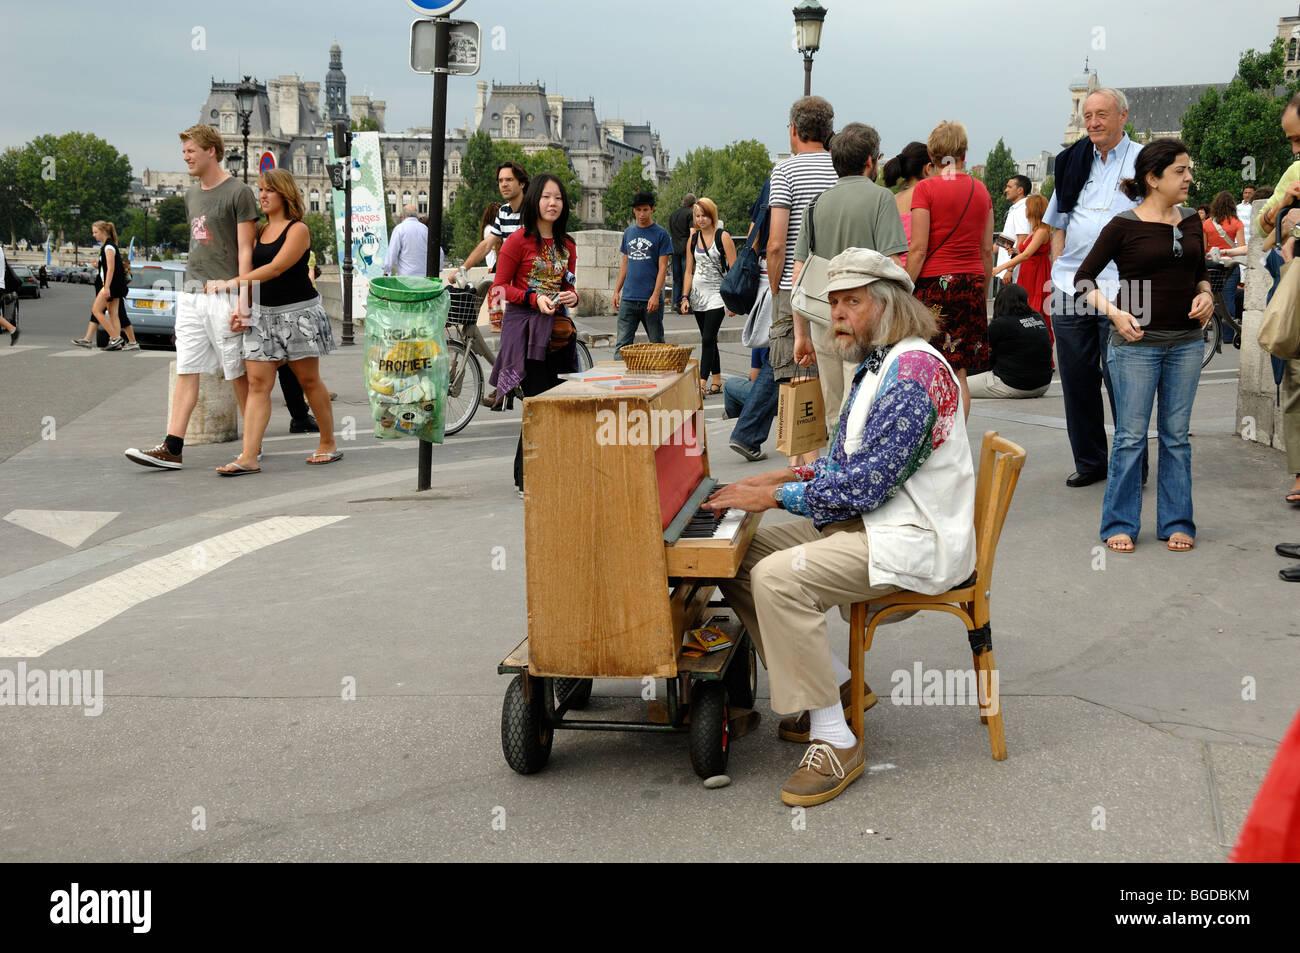 Street Musician Playing a Piano, Pianist or Piano Player, Pont de l'Archevèche, Île de la Cité, - Stock Image